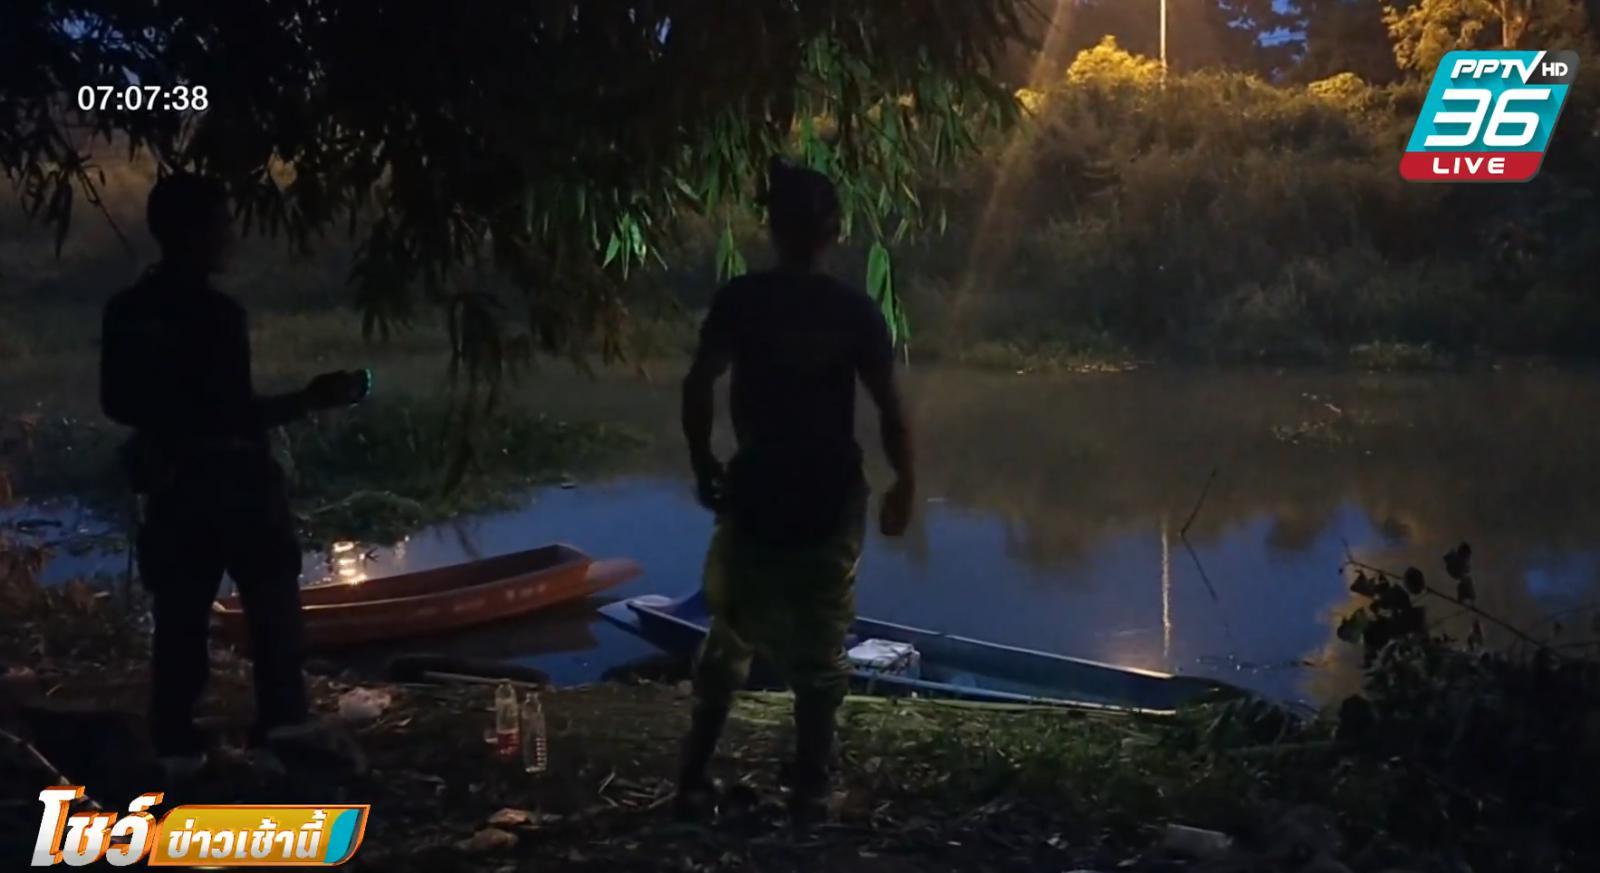 ชาวบ้านผวา พบจระเข้หลุดในคลองระพีพัฒน์